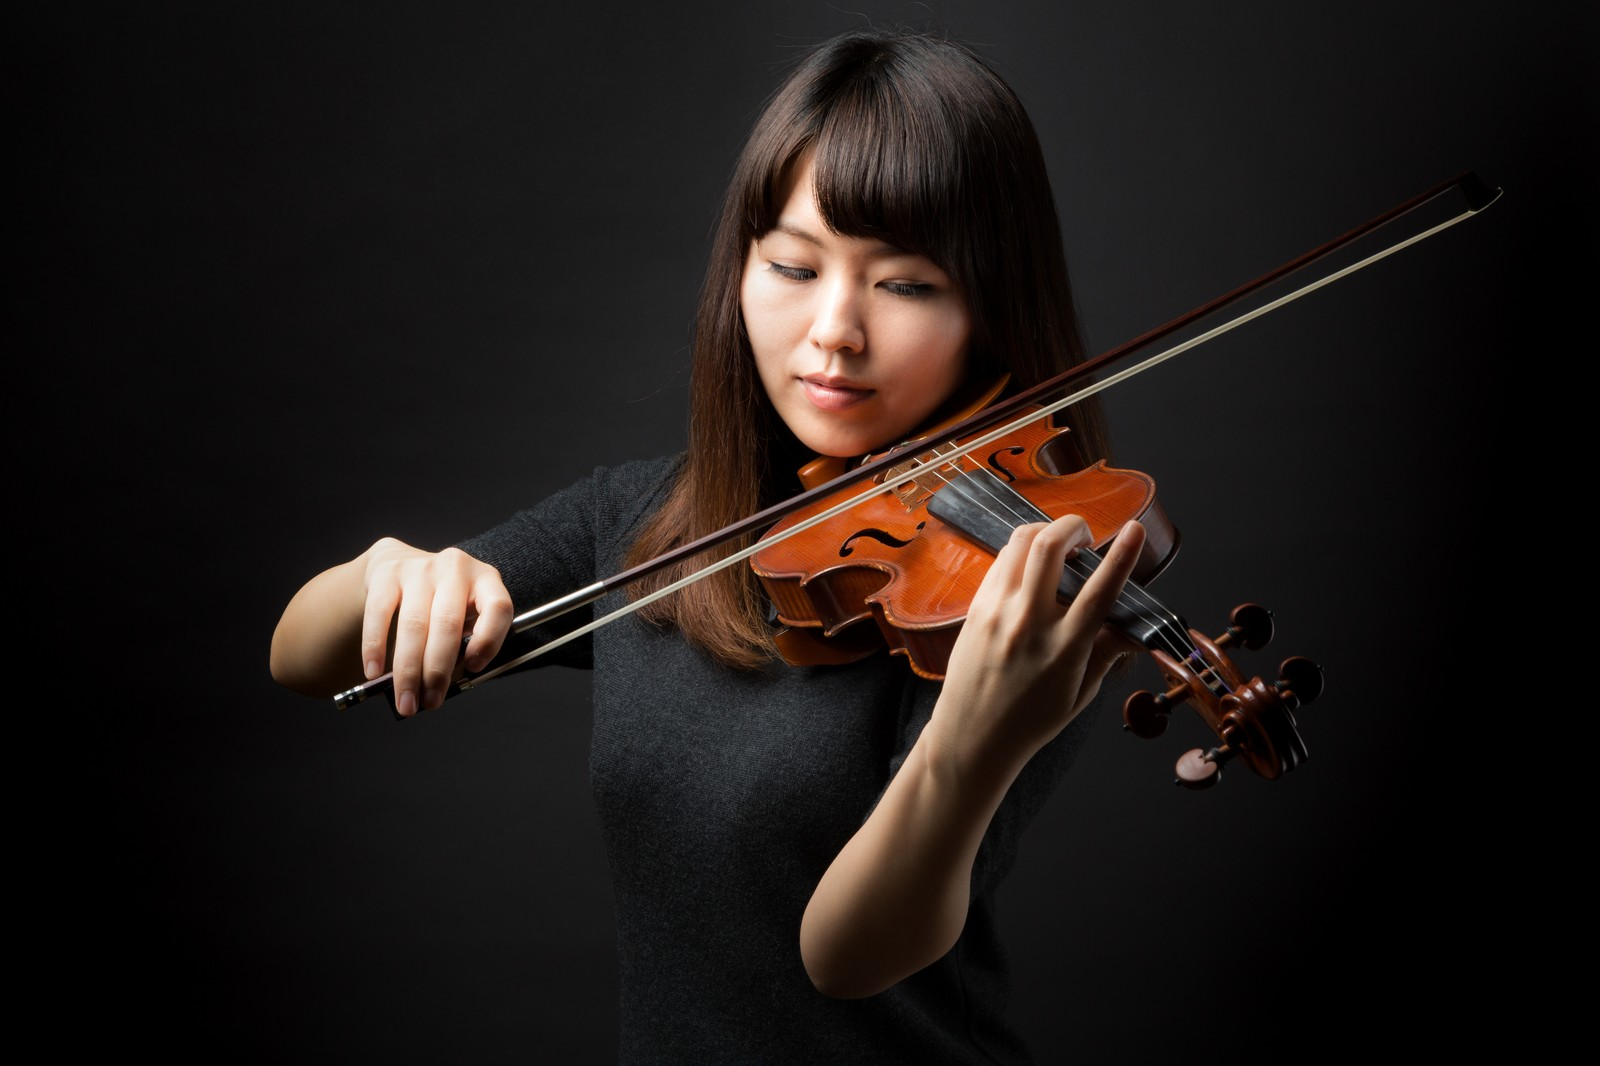 「ヴァイオリン演奏中の女性ヴァイオリン演奏中の女性」[モデル:yukiko]のフリー写真素材を拡大